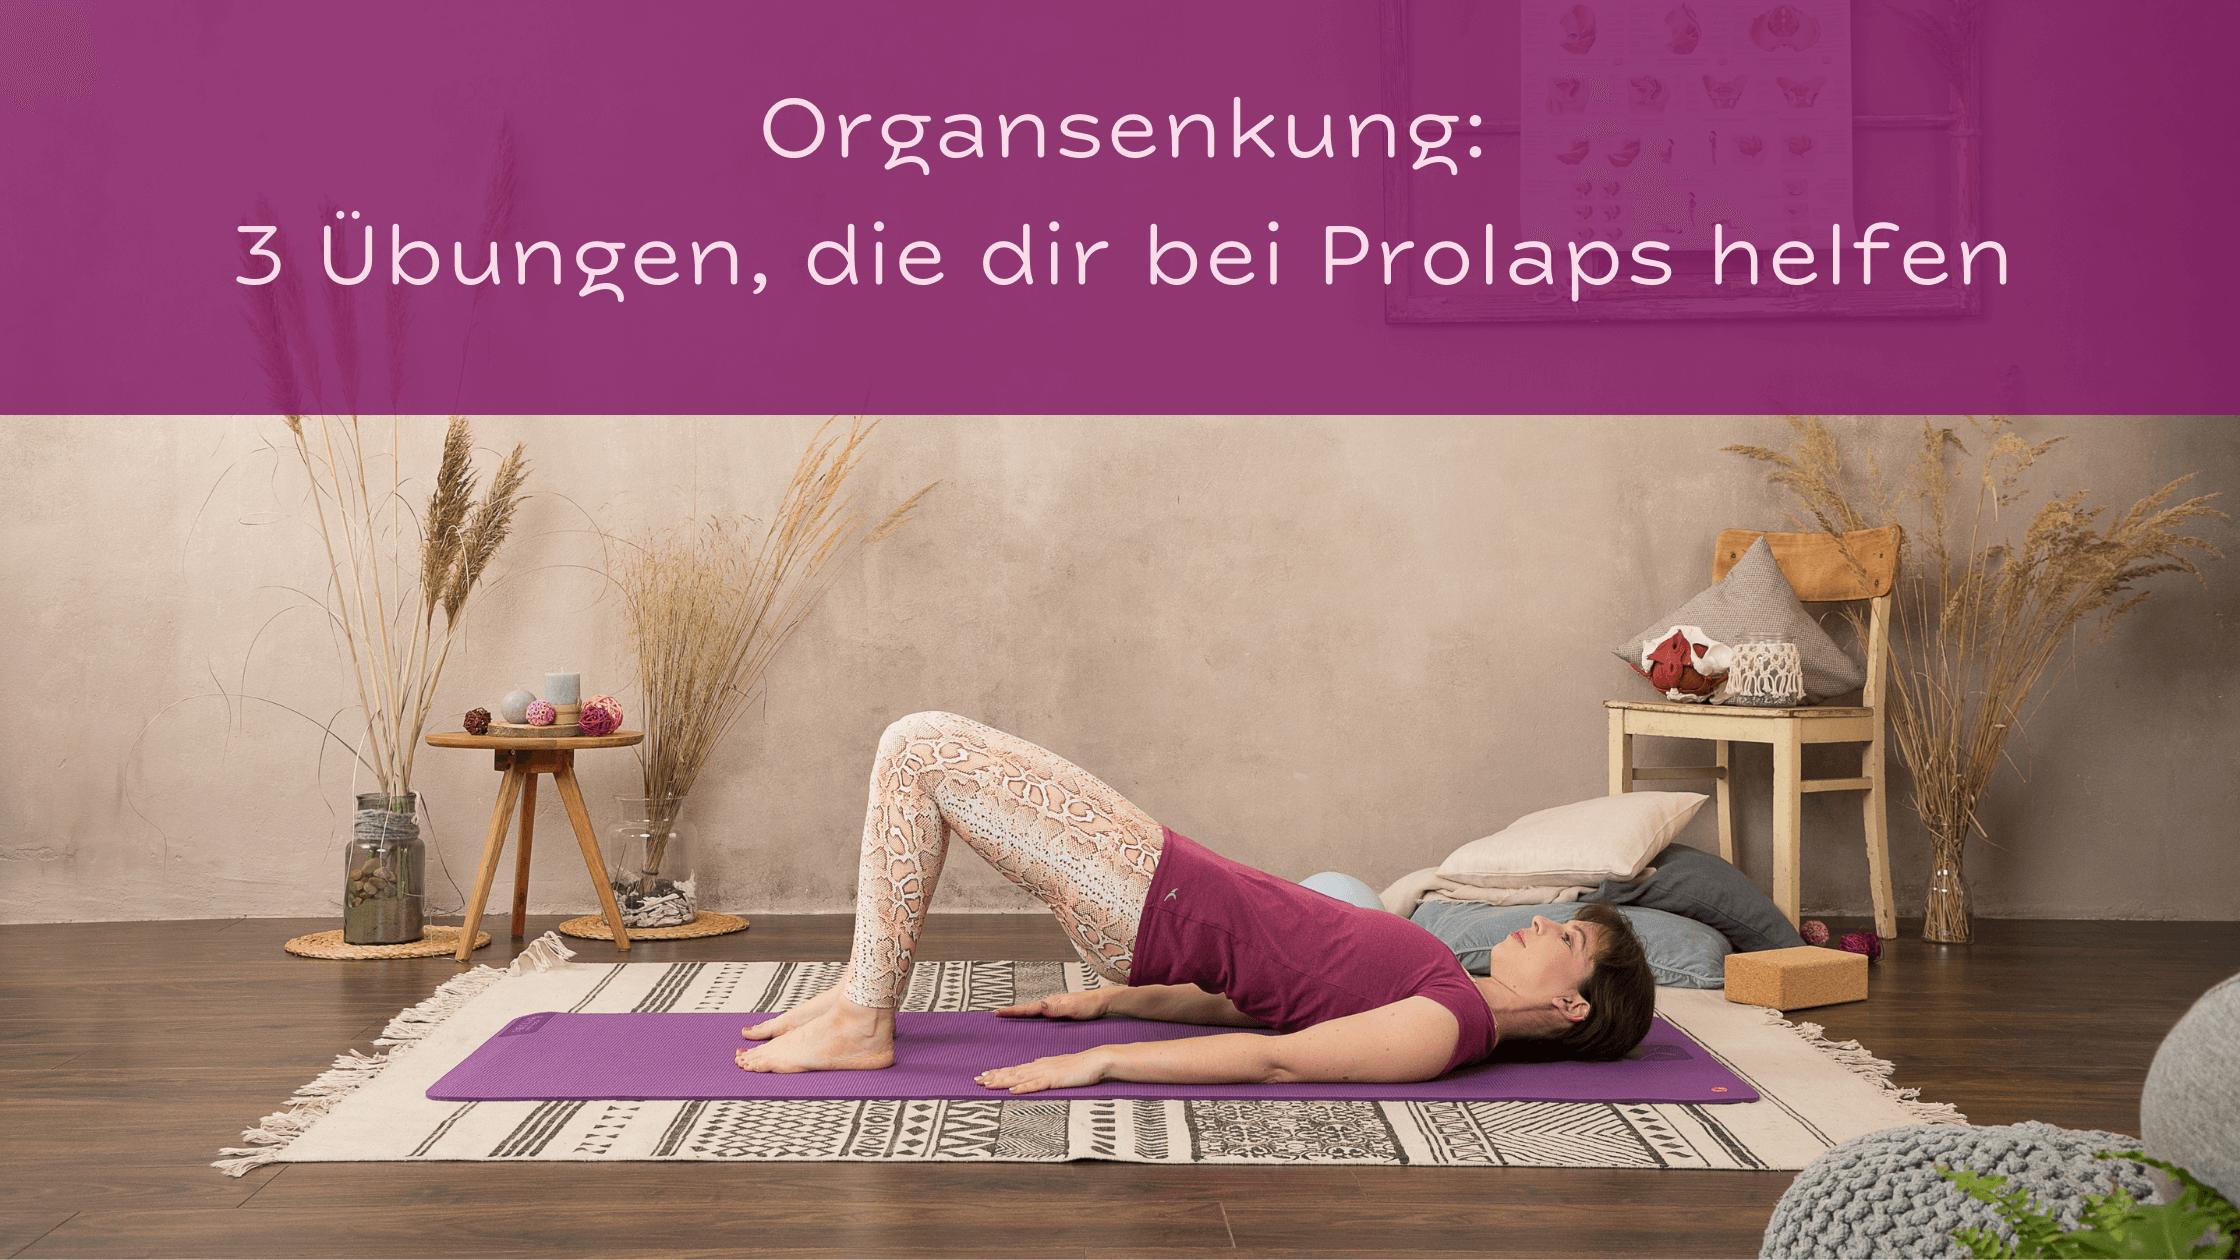 Diese Beckenbodenübungen helfen bei Organsenkung